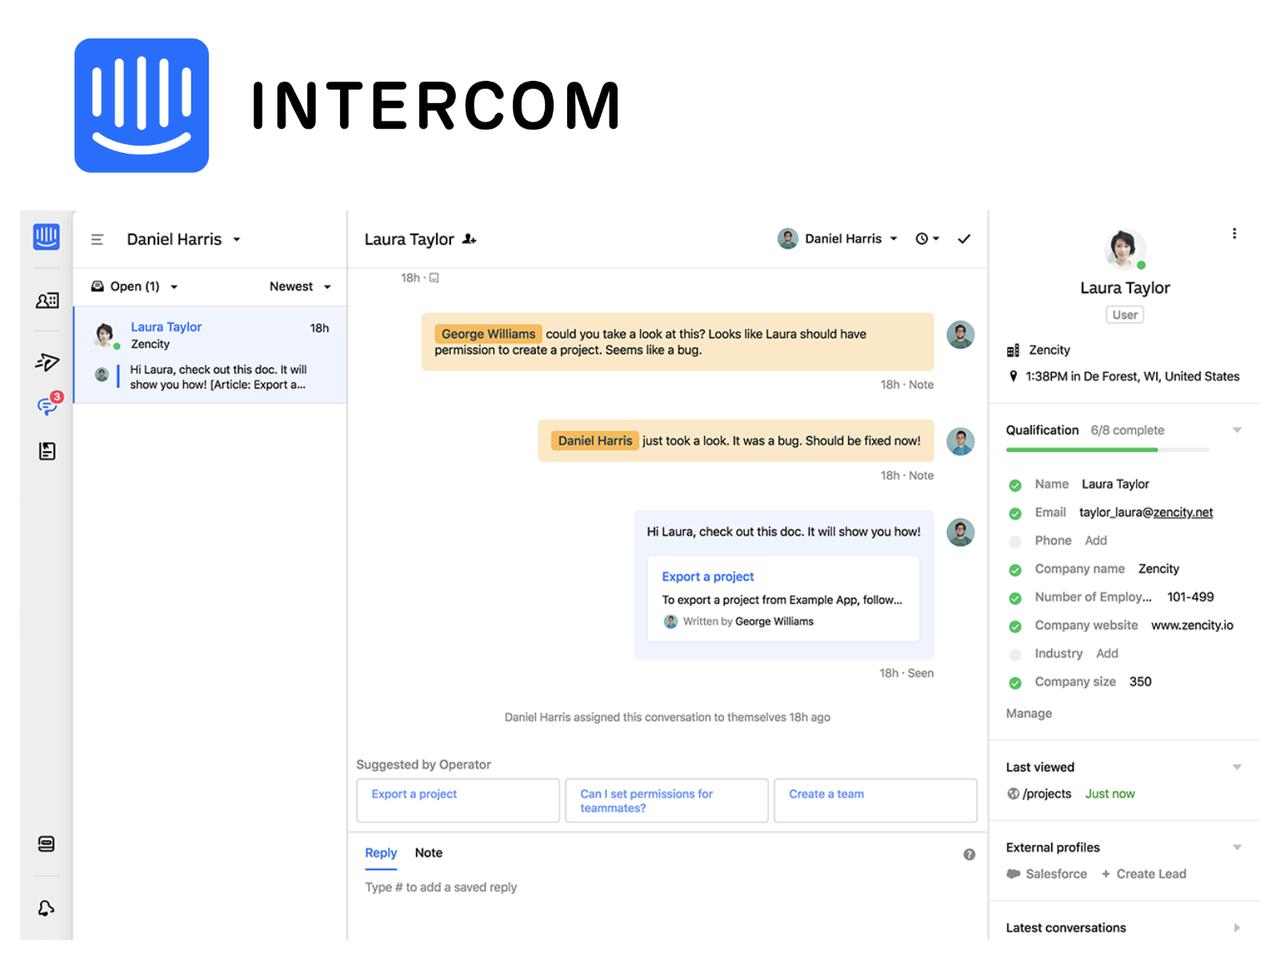 【機能編④:Inbox】Intercom徹底解説!荷物預かりサービスecbo cloakを支えるカスタマーサポート/サクセスツール #ecboの裏側